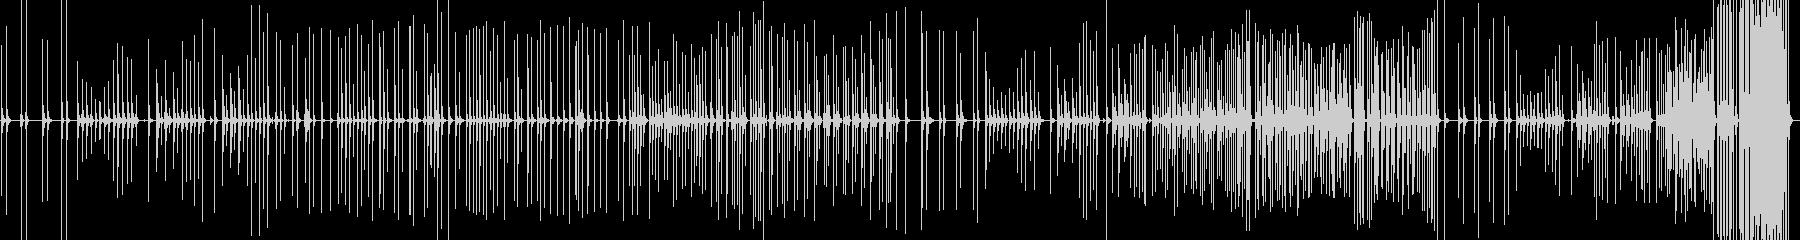 三味線193紀州道成寺9祈り絵巻安珍清姫の未再生の波形